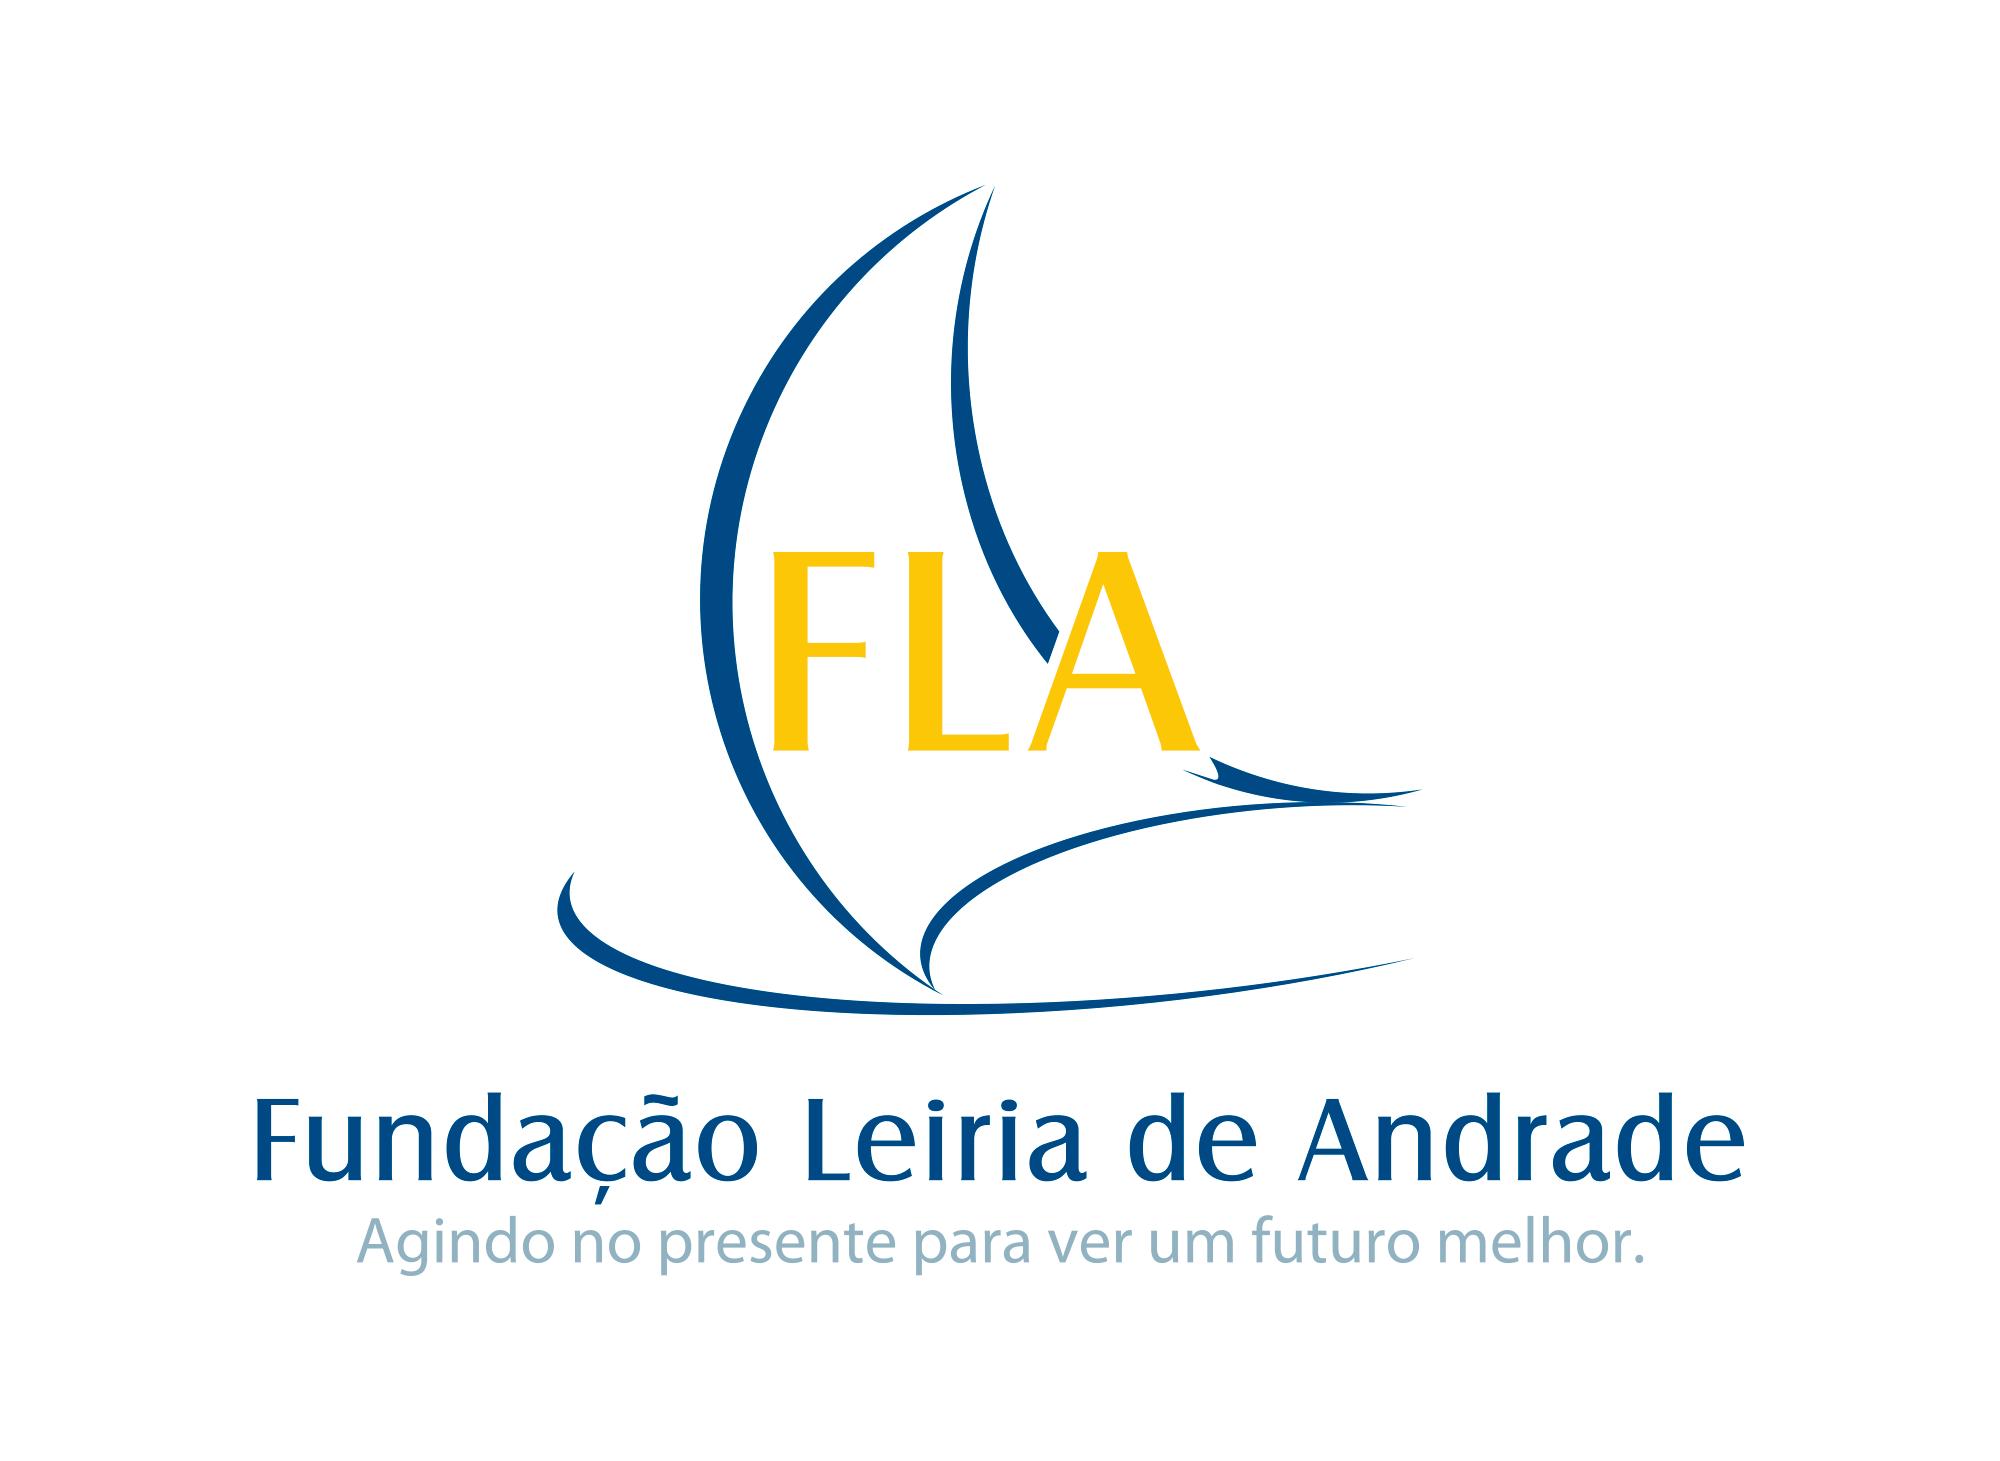 fundacao-leiria-andrade-clientes-agencia-diretriz-digital-marketing-fortaleza